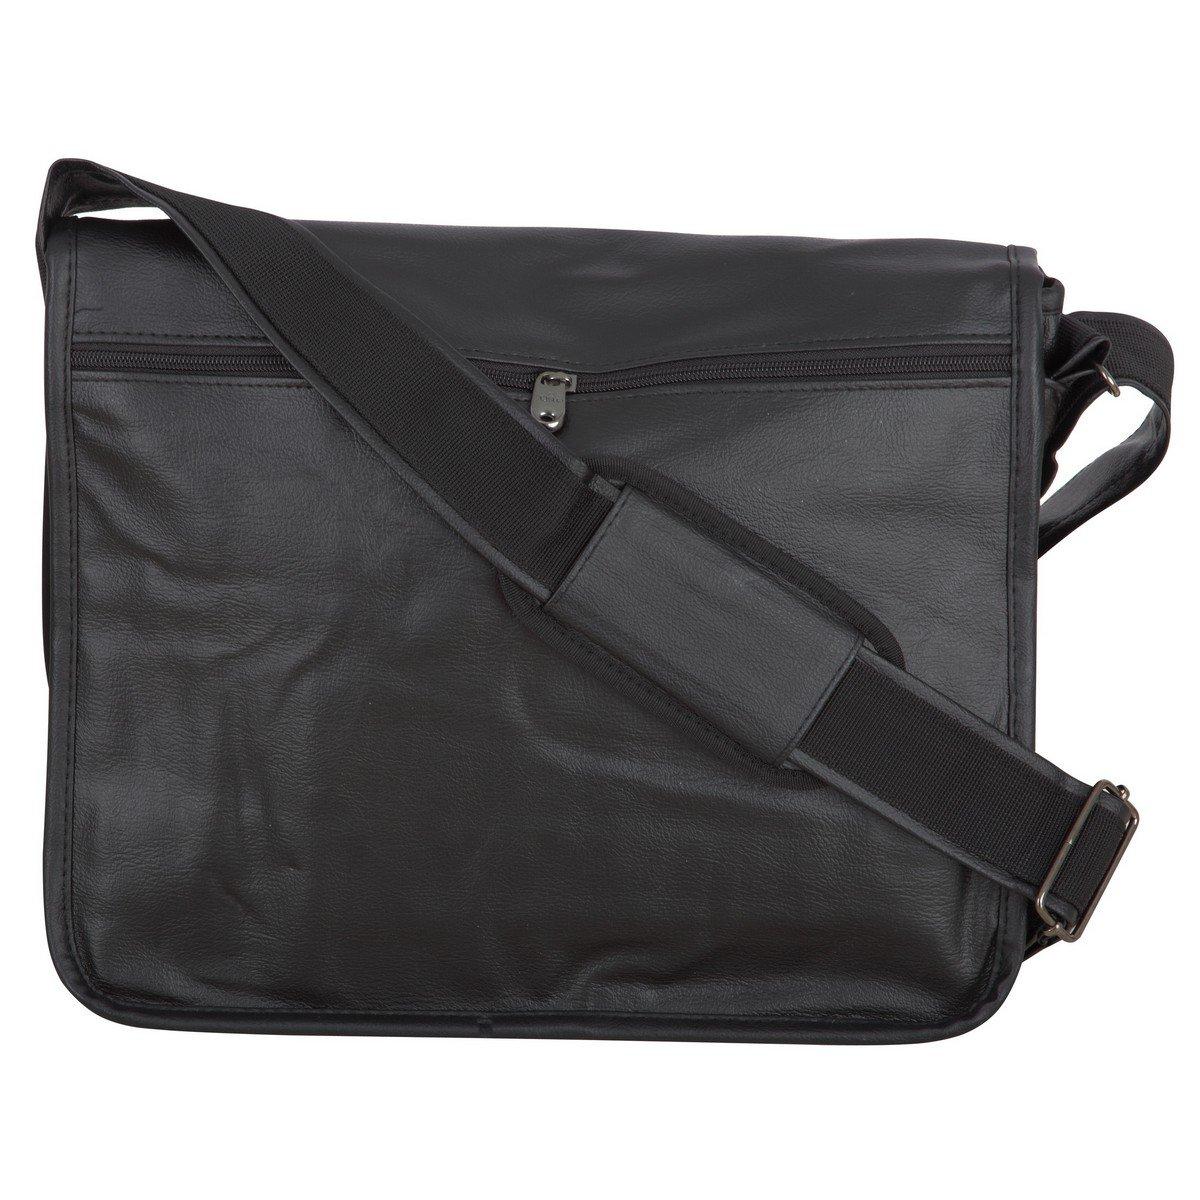 70 sup Pop Art Messenger Artificial Leather Nylon Bag retro  Amazon.co.uk   Shoes   Bags 61ad200dc3